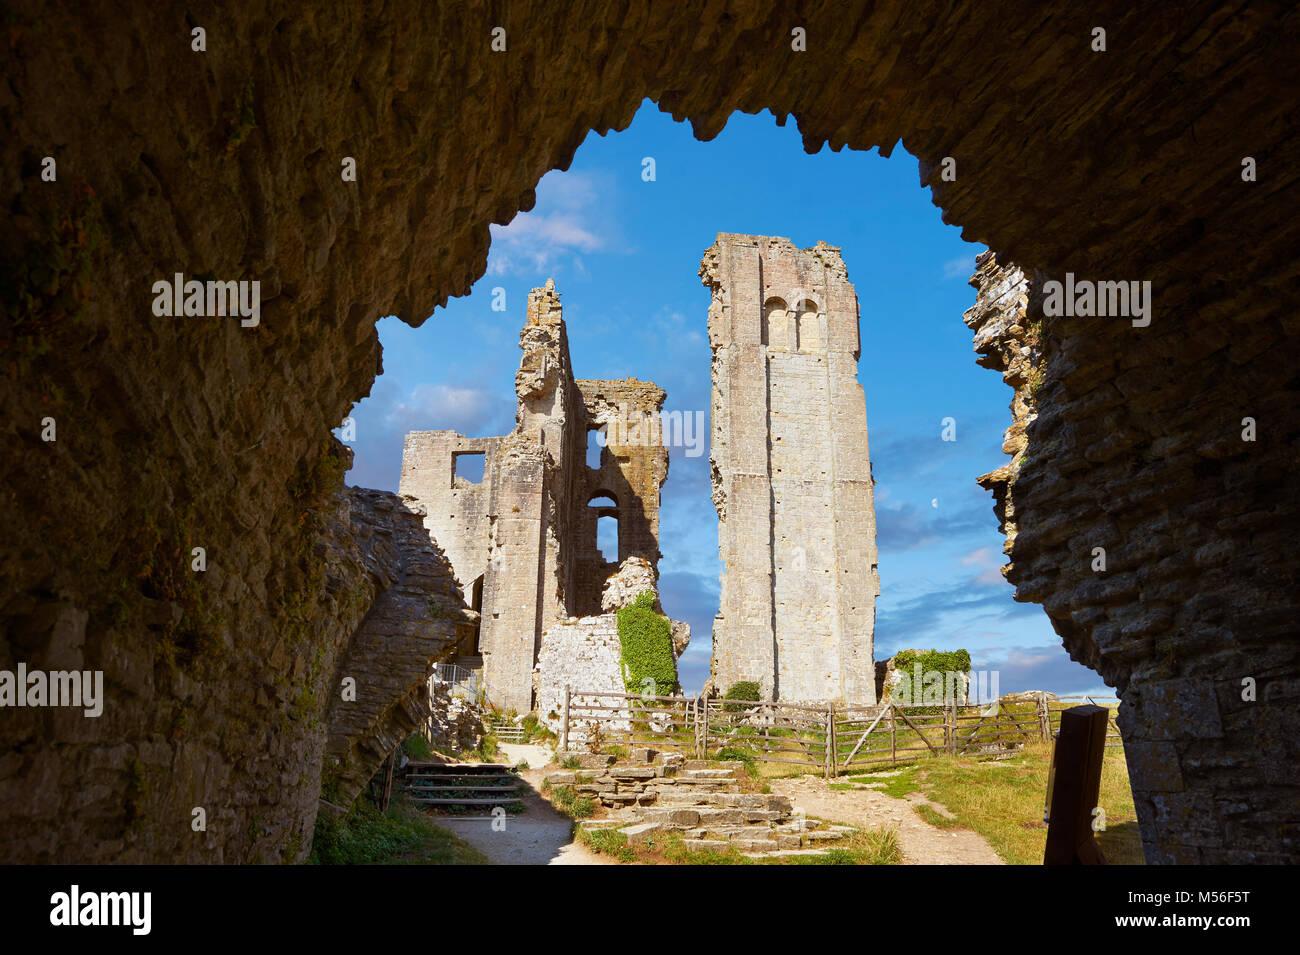 Mittelalterliche Corfe Castle cloase Halten, 1086 von Wilhelm dem Eroberer, Dorset England gebaut Stockbild